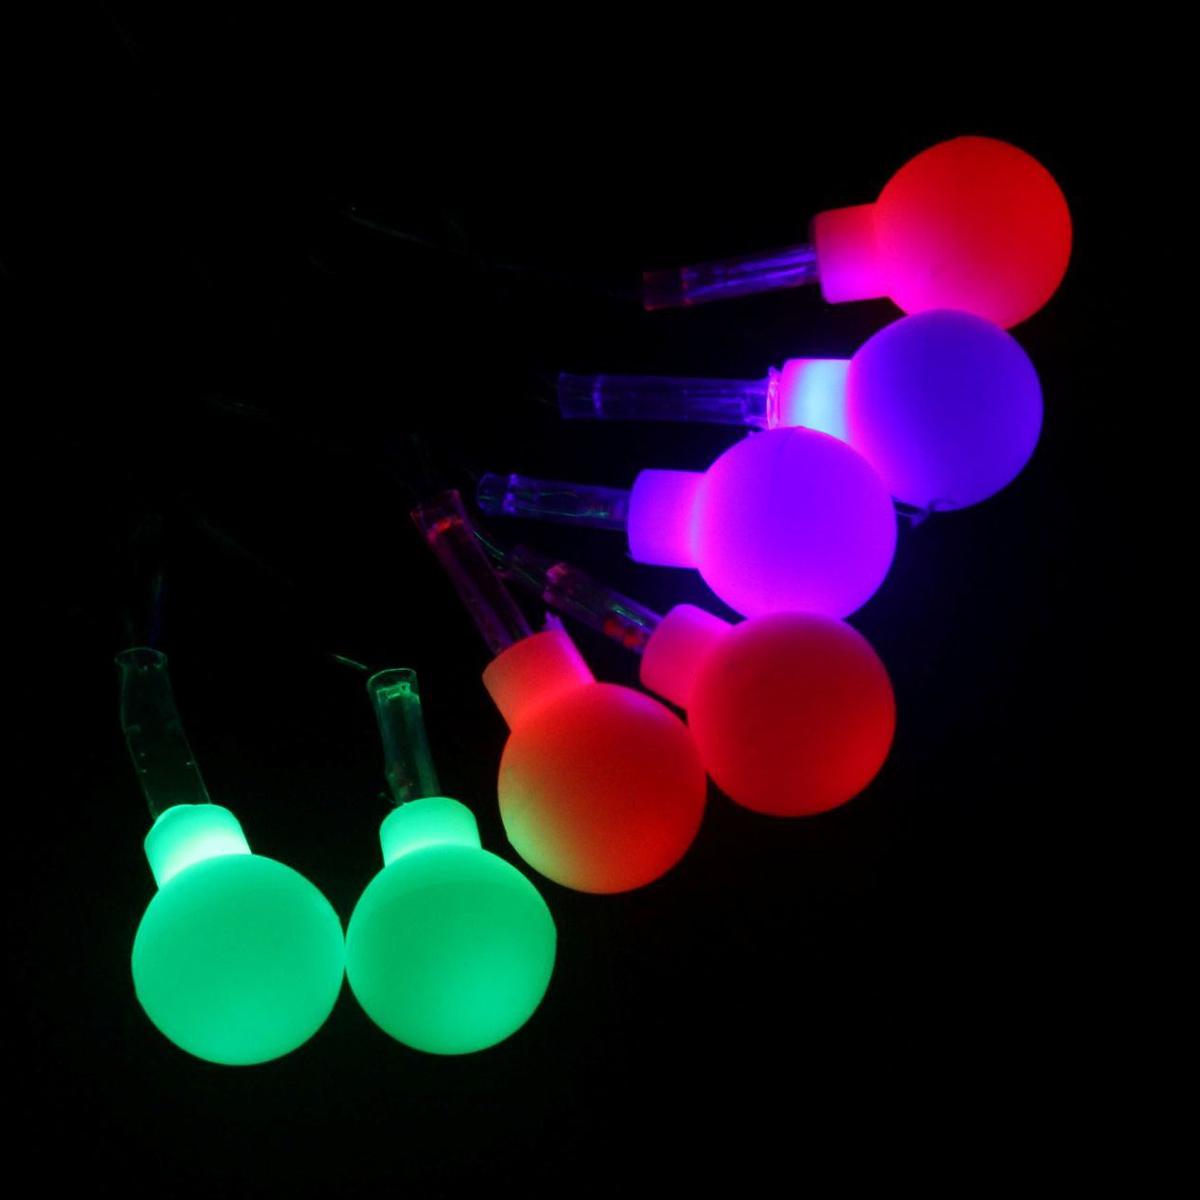 Гирлянда светодиодная Luazon Метраж. Шарики, с насадкой, моргает, 20 ламп, 220 V, 5 м, цвет: мультиколор. 541526541526Светодиодные гирлянды, ленты и т.д. — это отличный вариант для новогоднего оформления интерьера или фасада. С их помощью помещение любого размера можно превратить в праздничный зал, а внешние элементы зданий, украшенные ими, мгновенно станут напоминать очертания сказочного дворца. Такие украшения создают ауру предвкушения чуда. Деревья, фасады, витрины, окна и арки будто специально созданы, чтобы вы украсили их светящимися нитями.